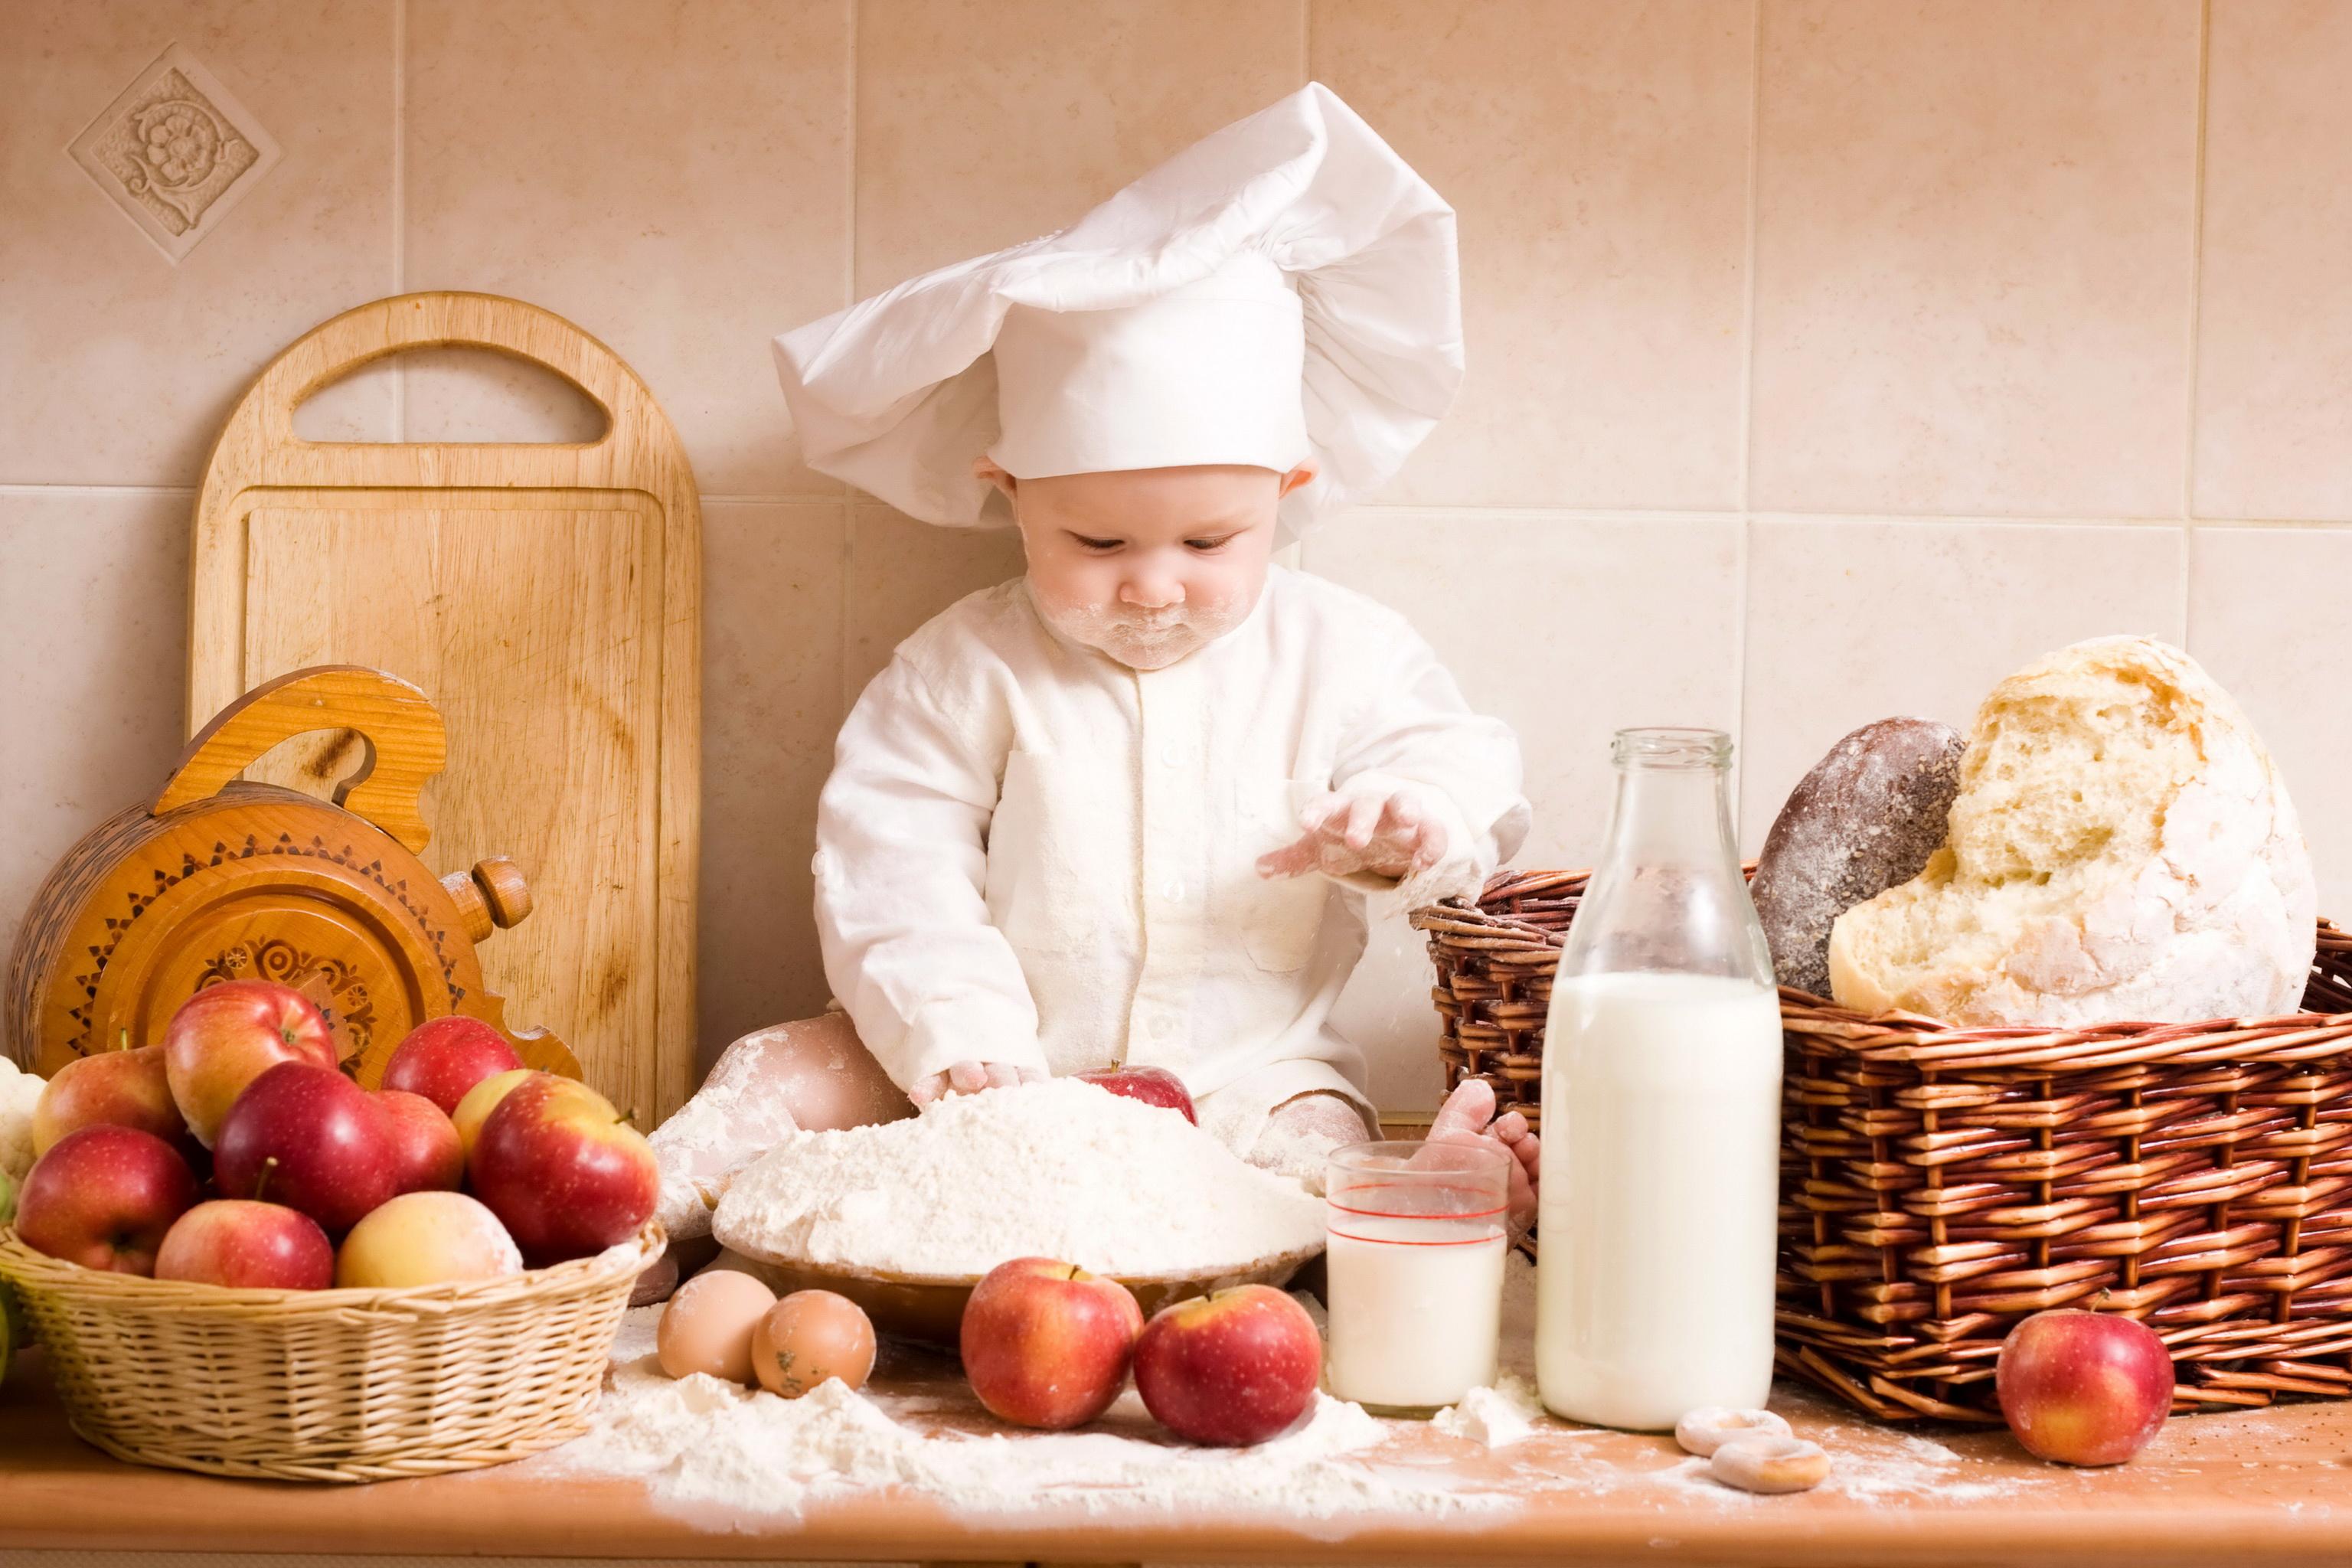 Images Milk Children Apples Wicker basket Cook 3072x2048 3072x2048